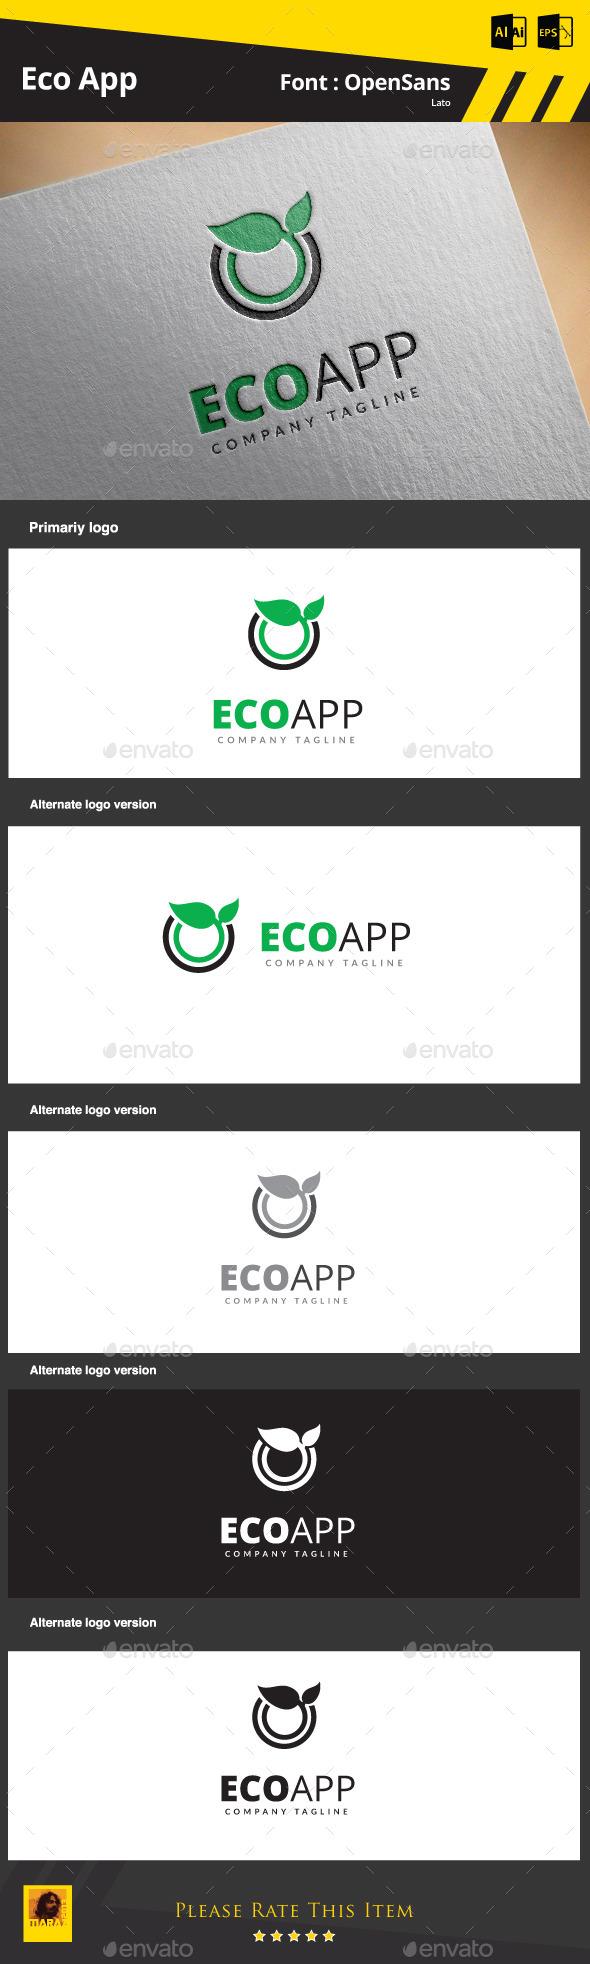 GraphicRiver Eco App 9091256